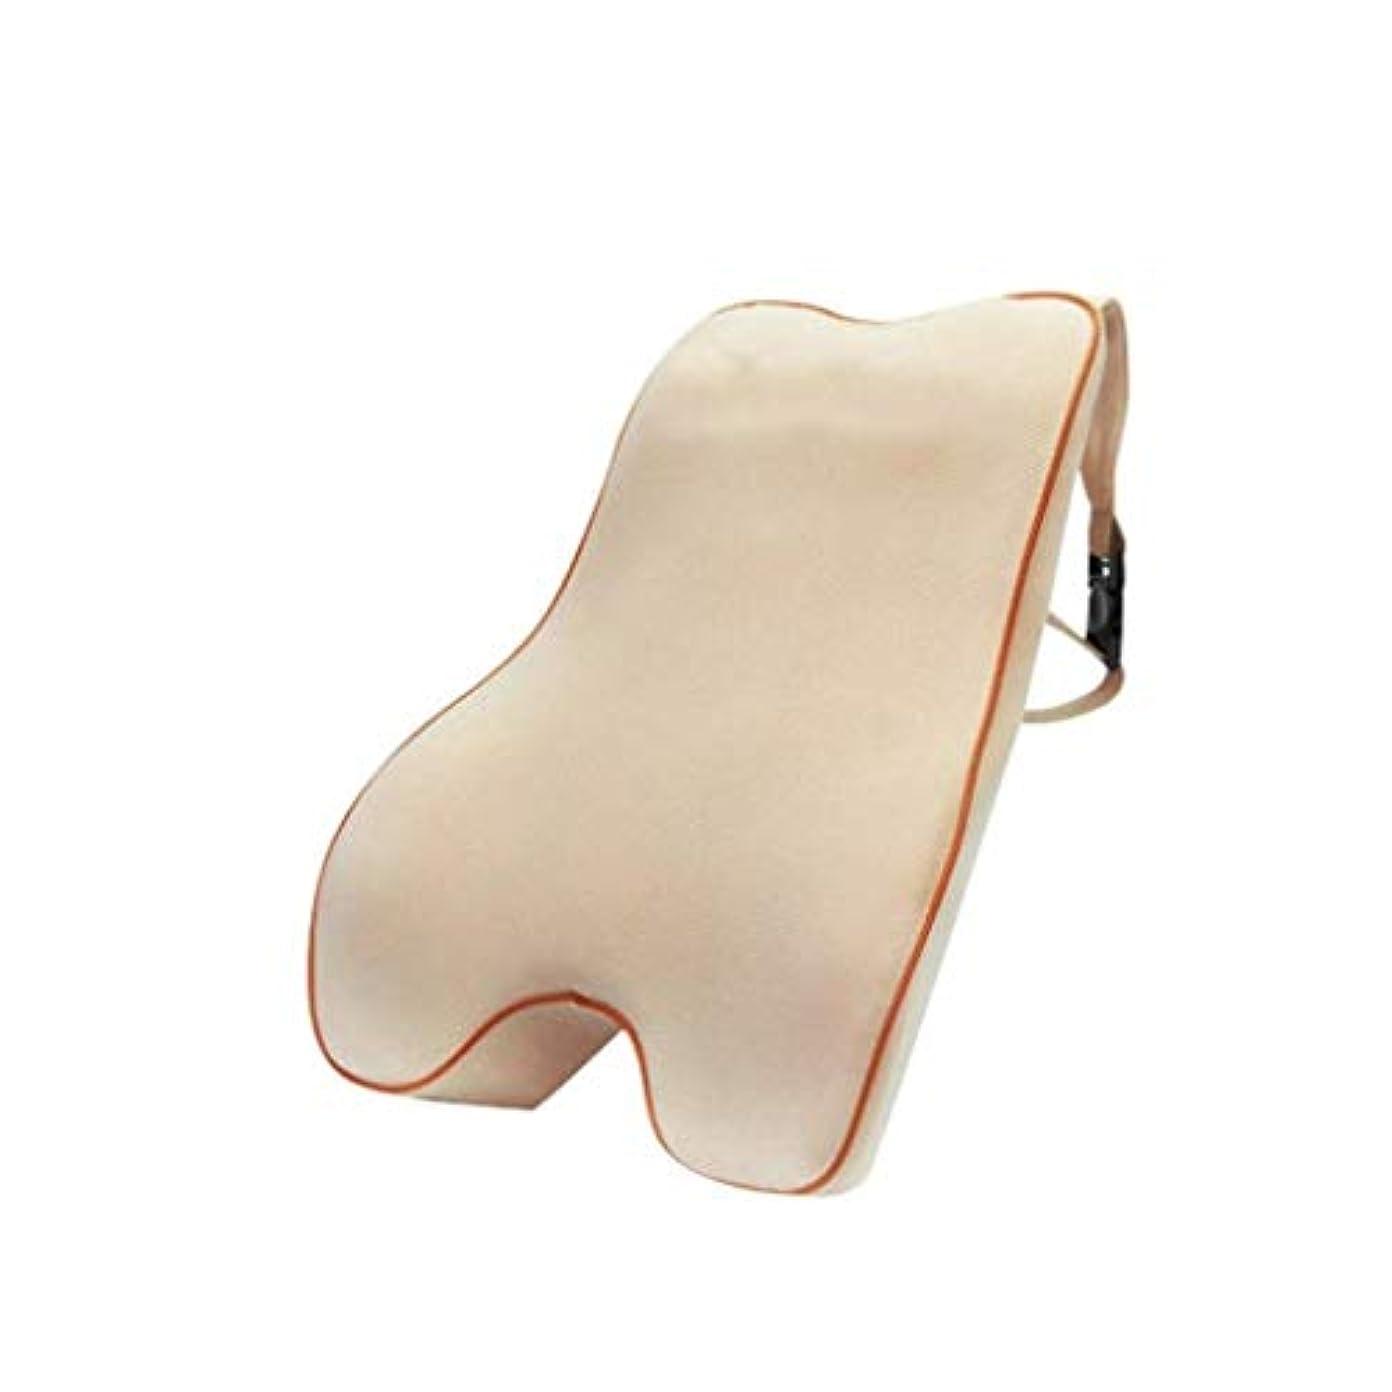 自然公園今後伝記腰椎枕 - 100%低反発腰椎クッション - ポータブル枕 - 整形外科用ウエストサポート枕 - 車のオフィスチェア - 長距離運転オフィスに適した腰痛緩和